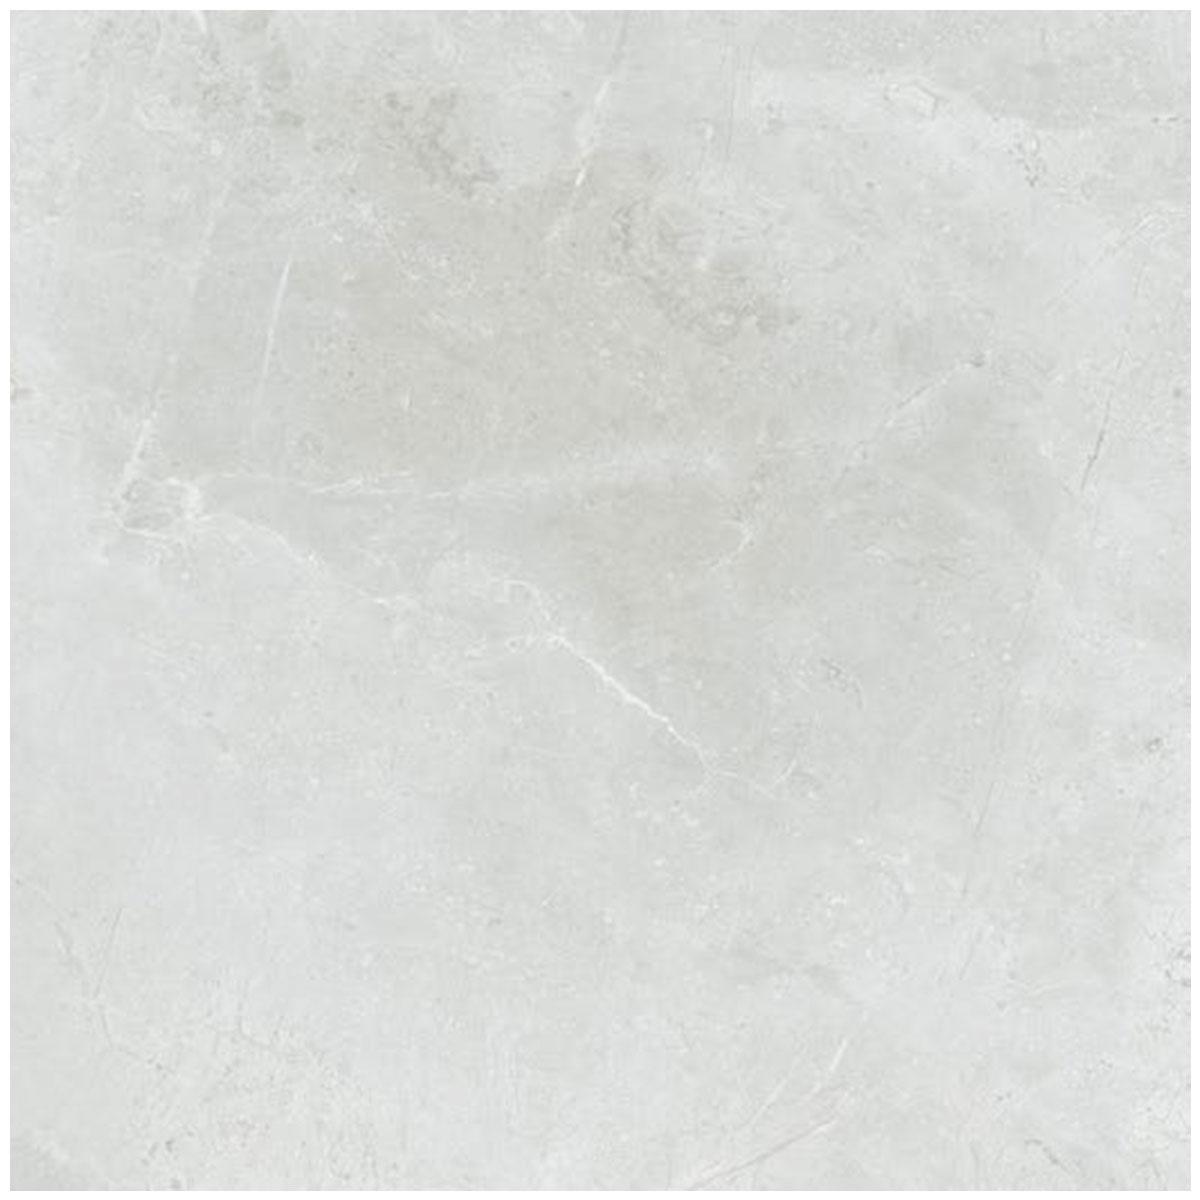 Chiswick-white-matt-600x600-marble-look-tiles - Stone3